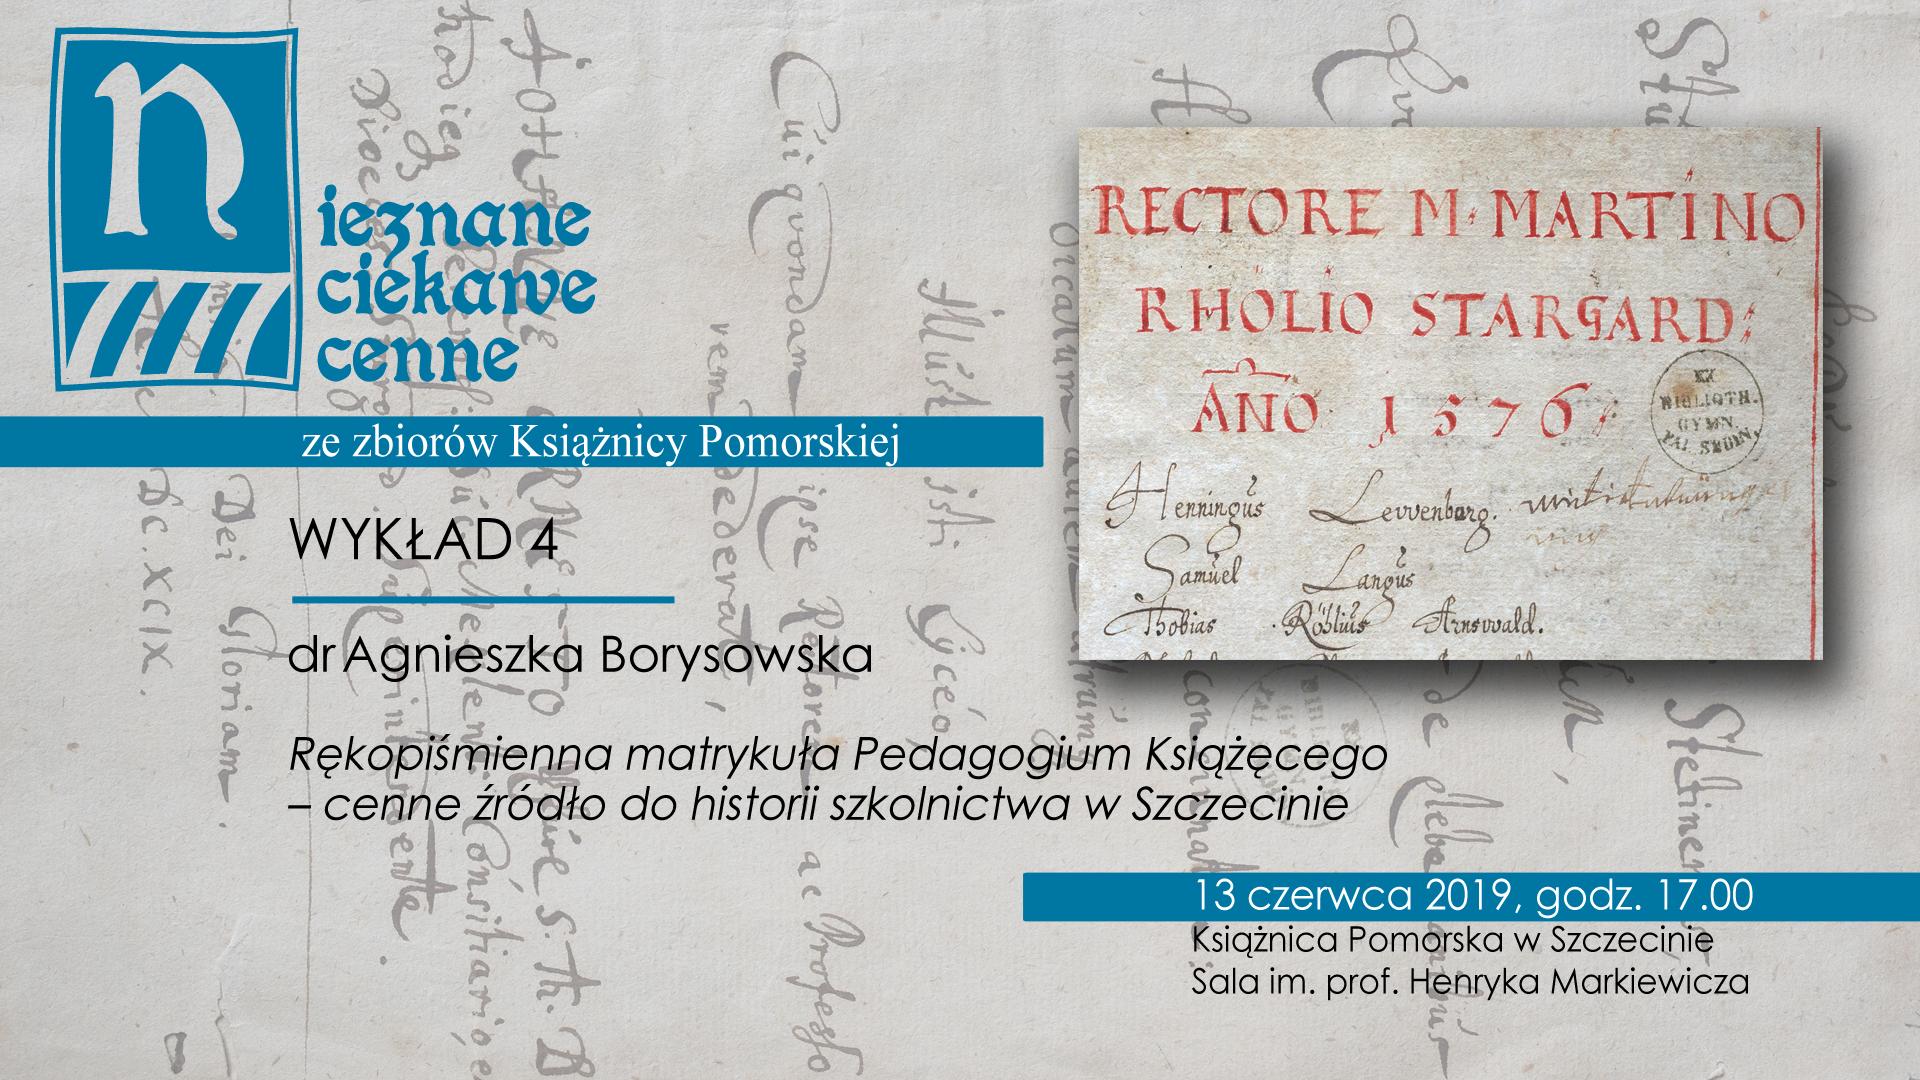 Wykład dr Agnieszki Borysowskiej